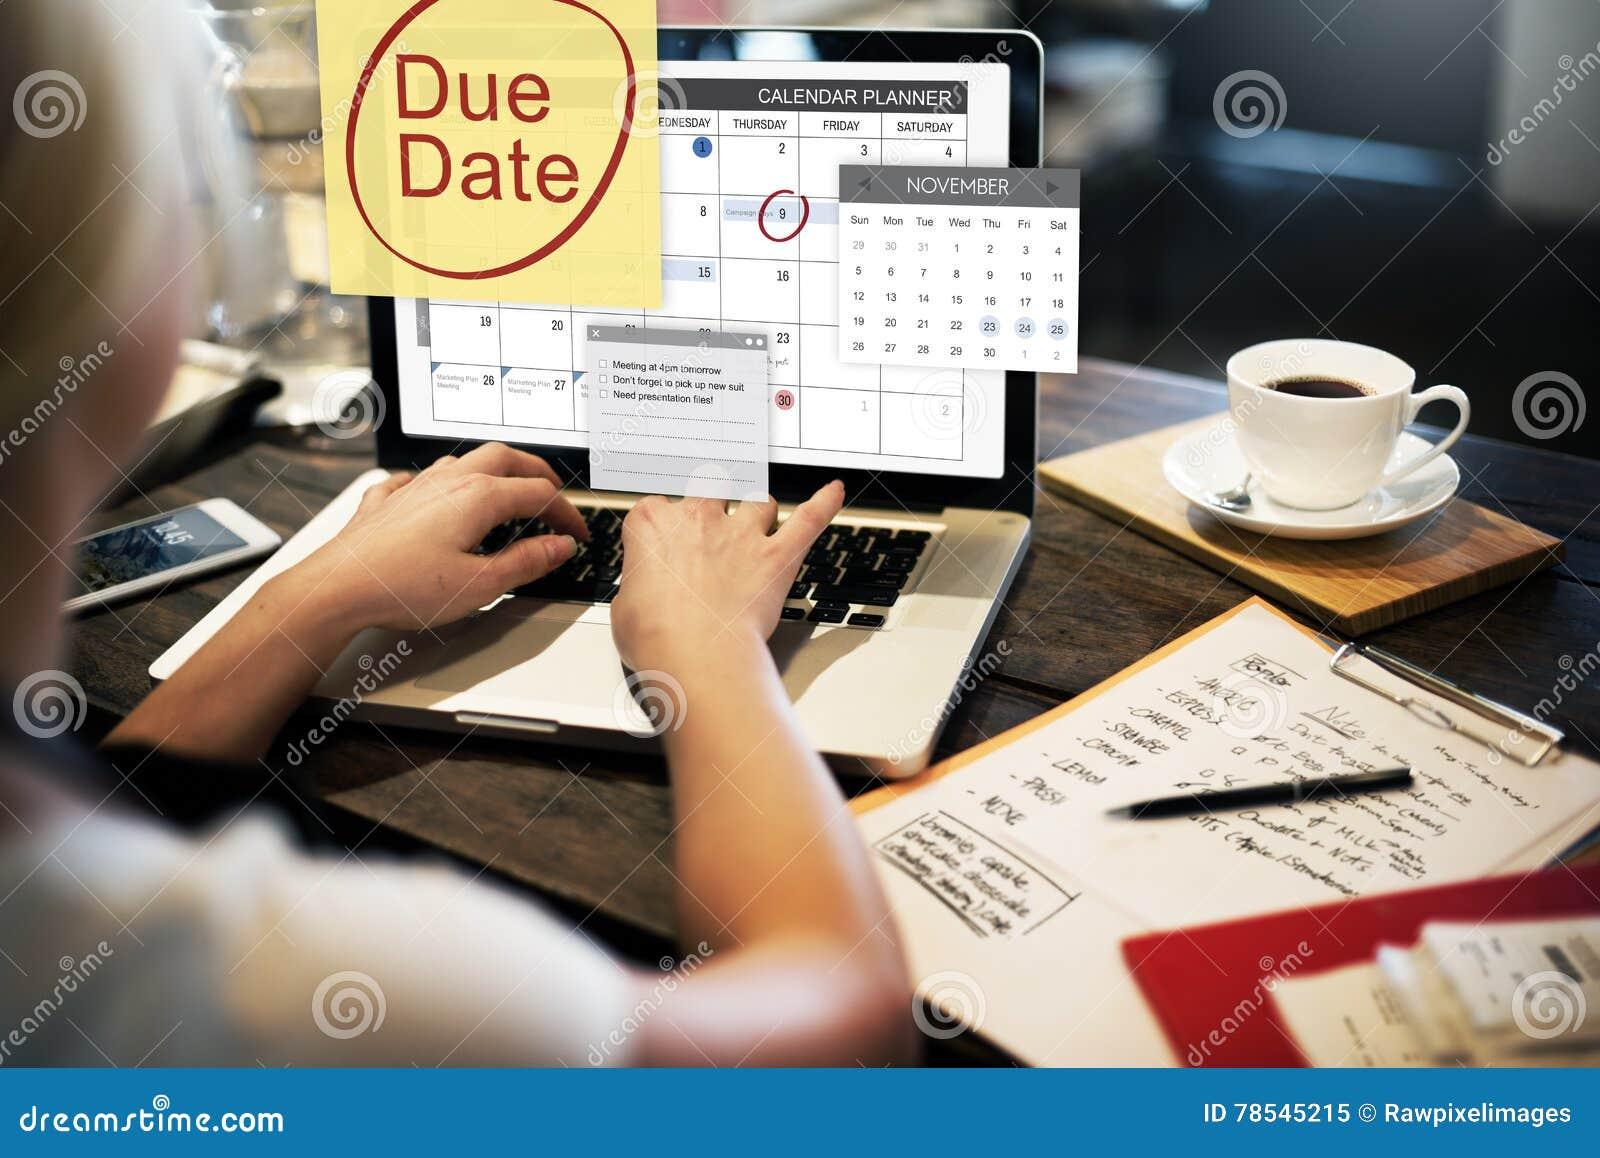 到期日最后期限付款单重要通知概念